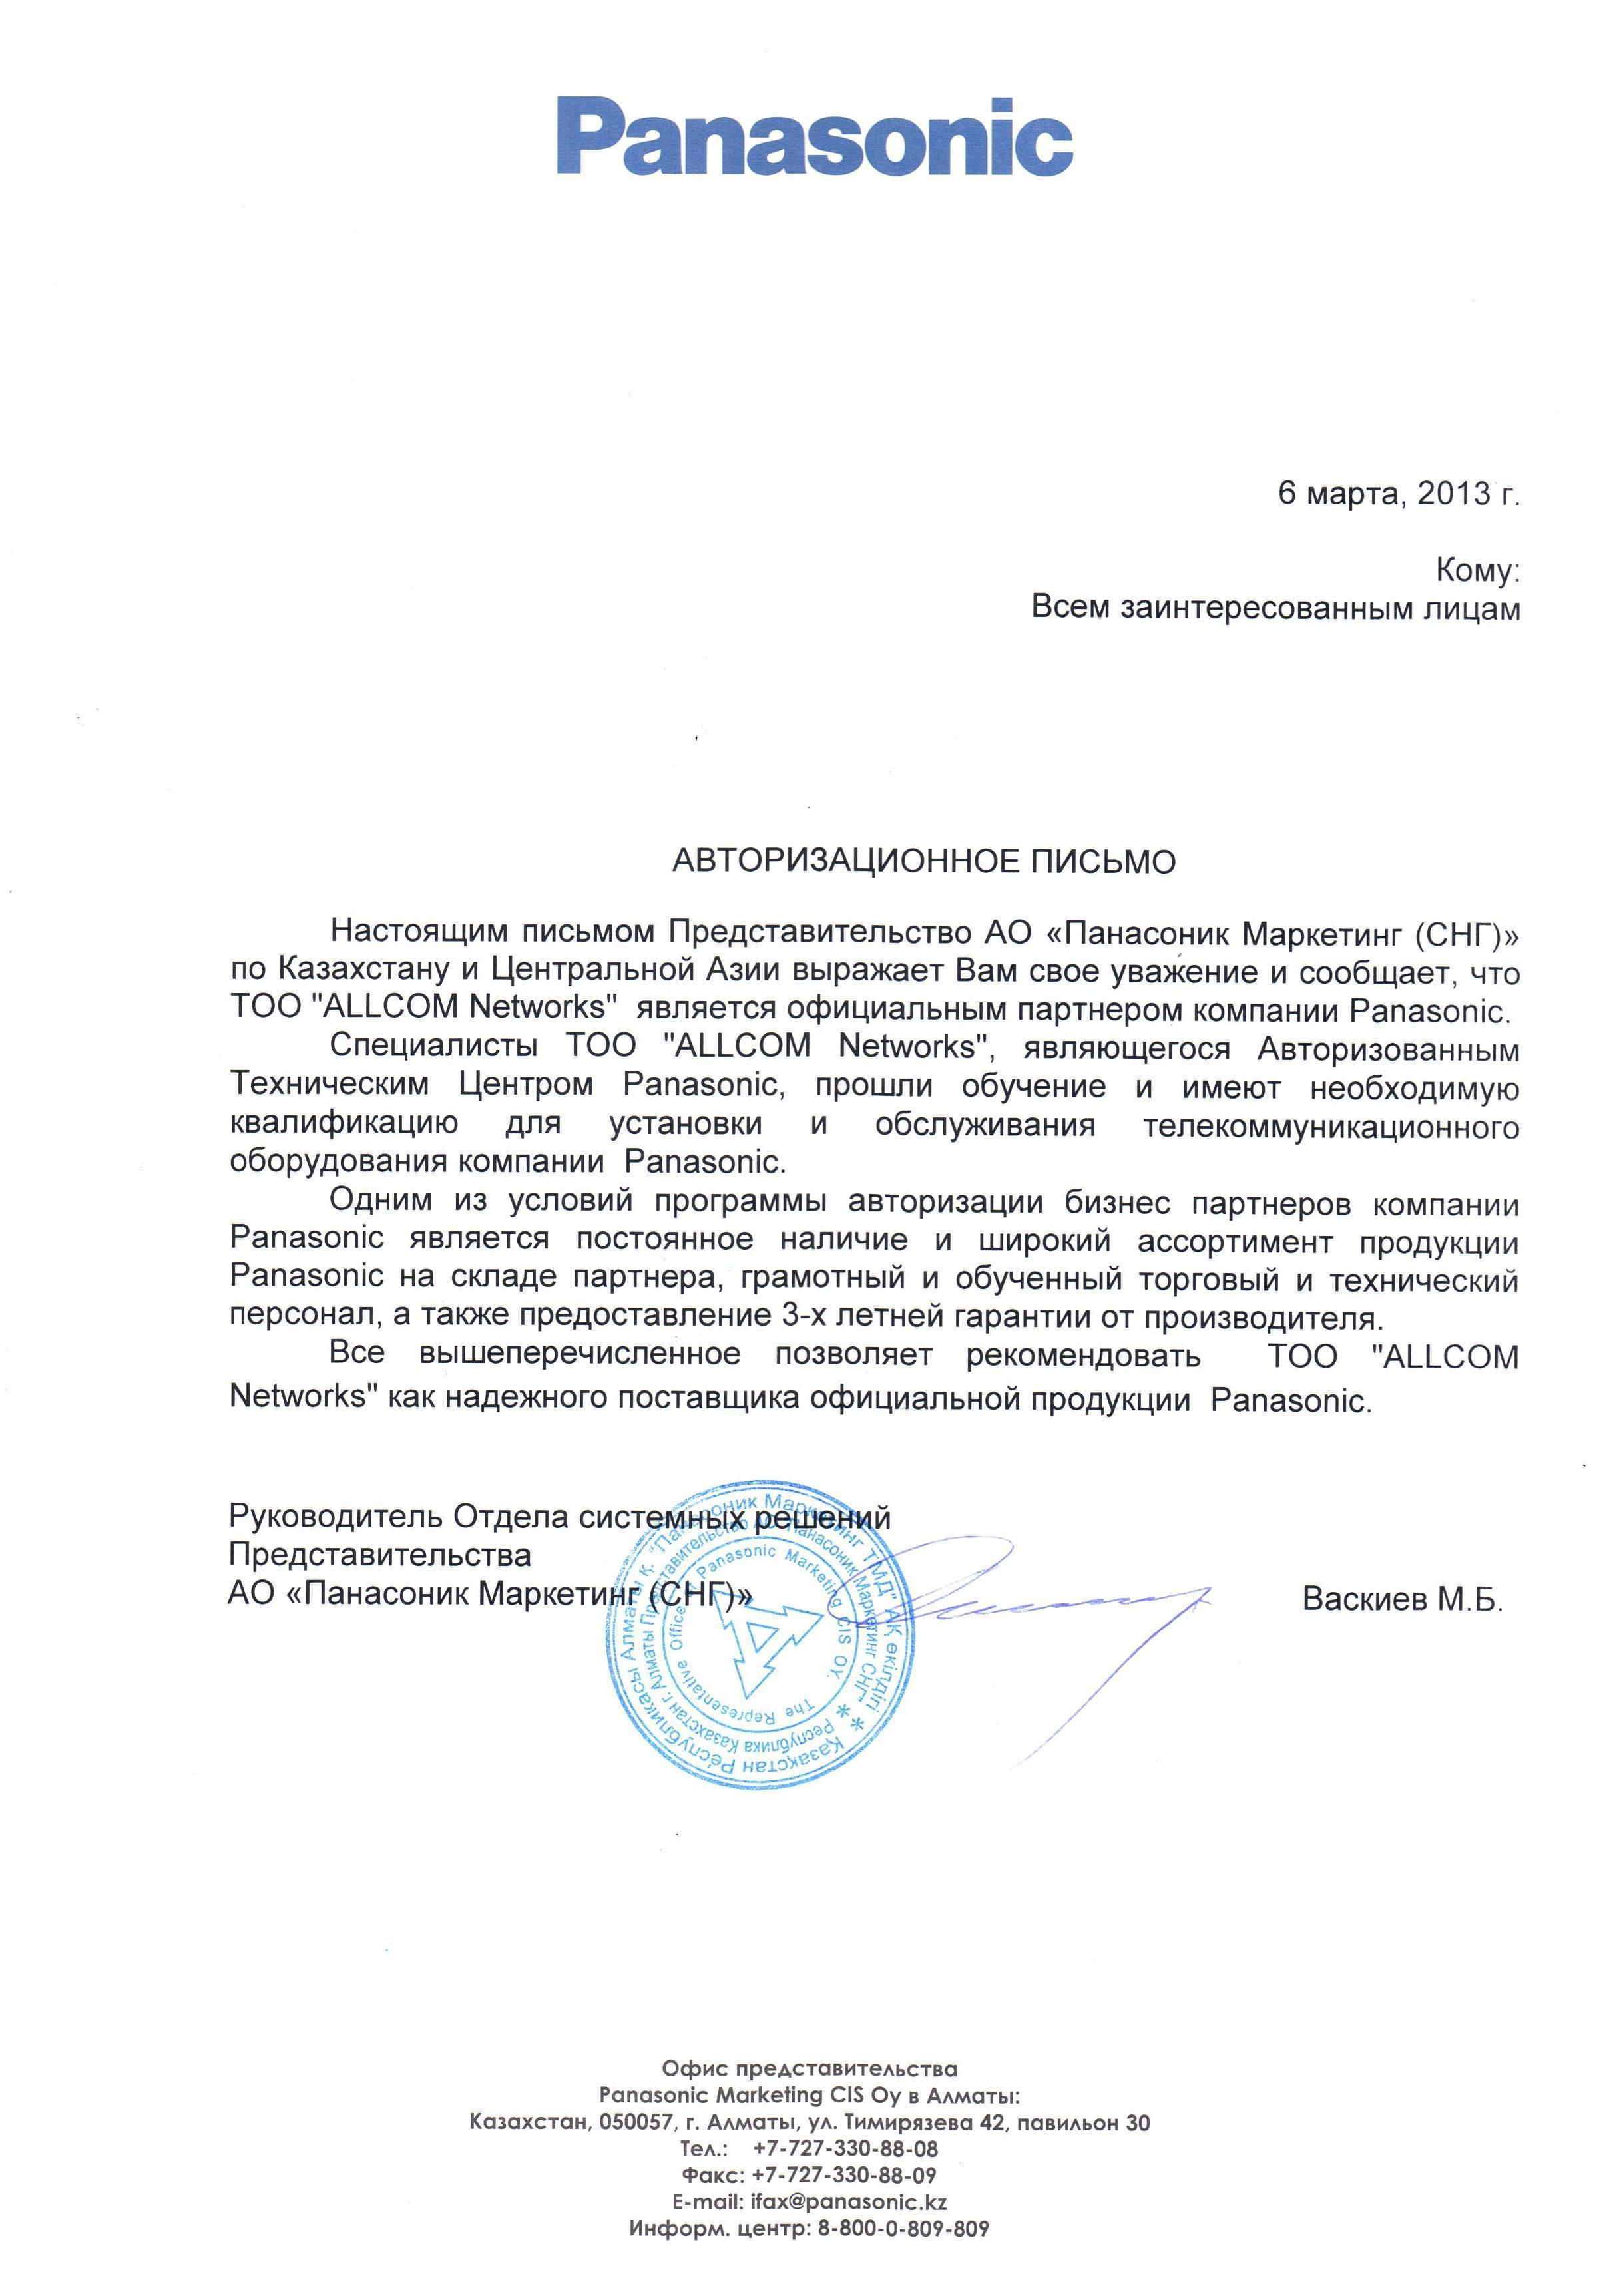 Рекомендательное письмо от корпорации Panasonic